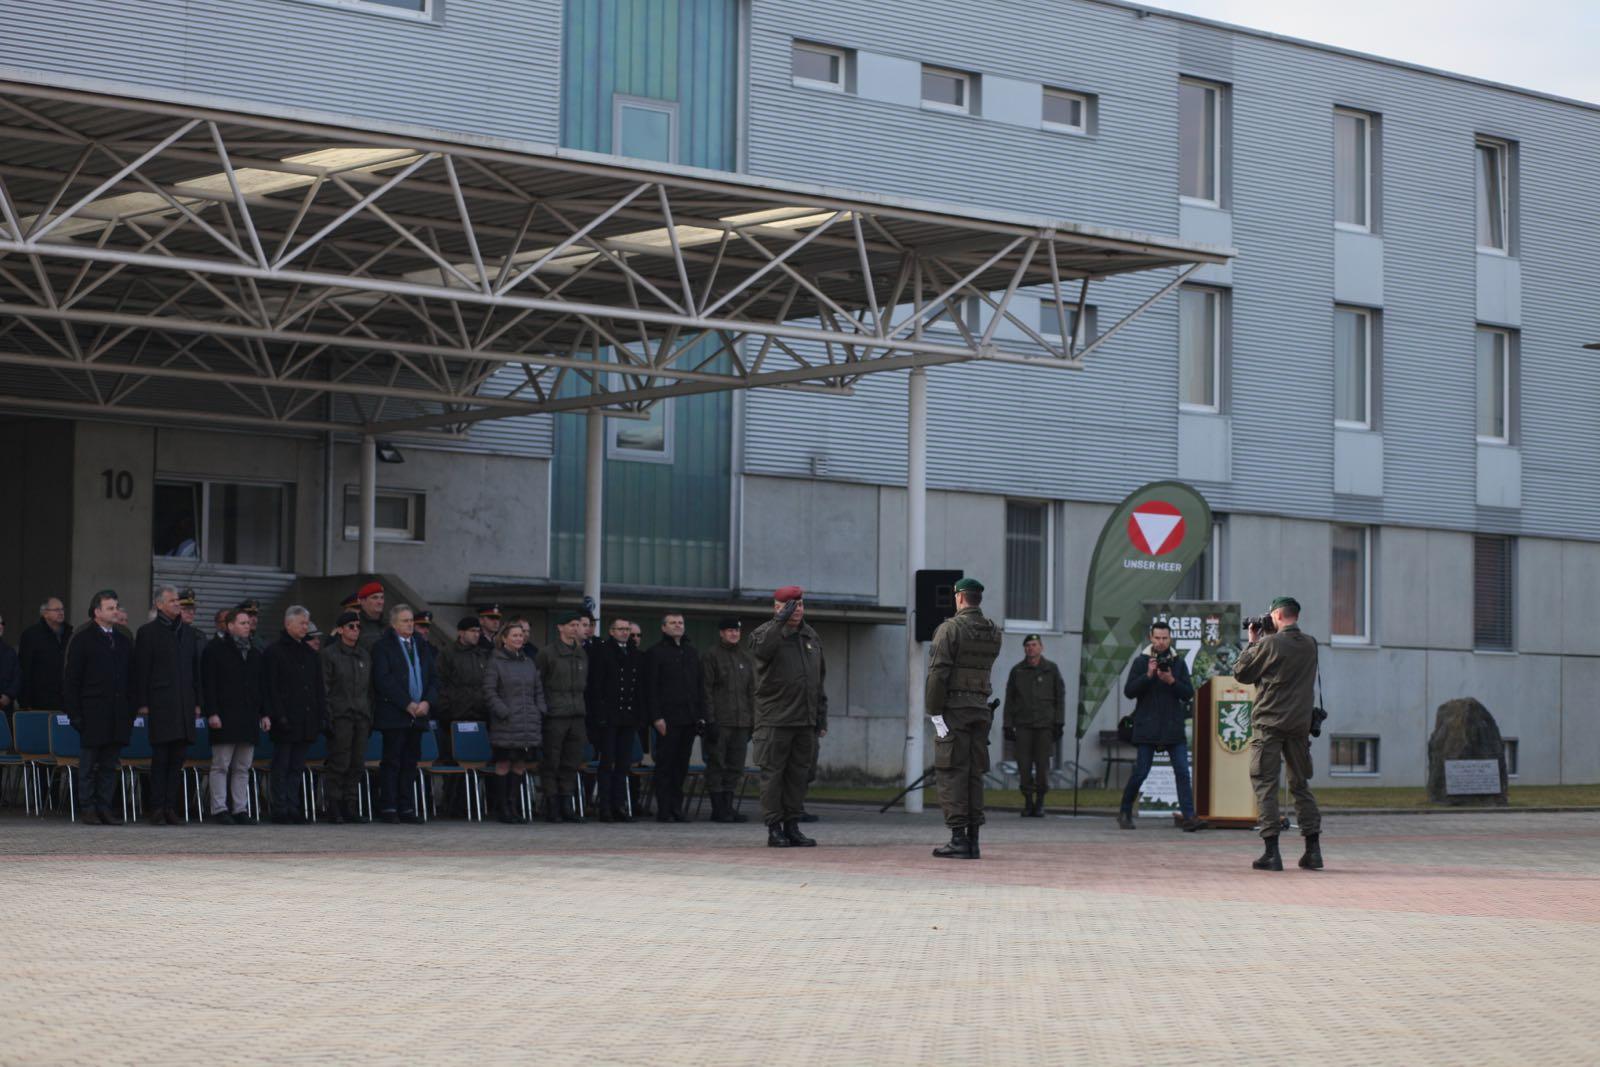 2019_02_08_5Gardekompanie_KPE_EUFOR30_Verabschiedung - 46 of 61